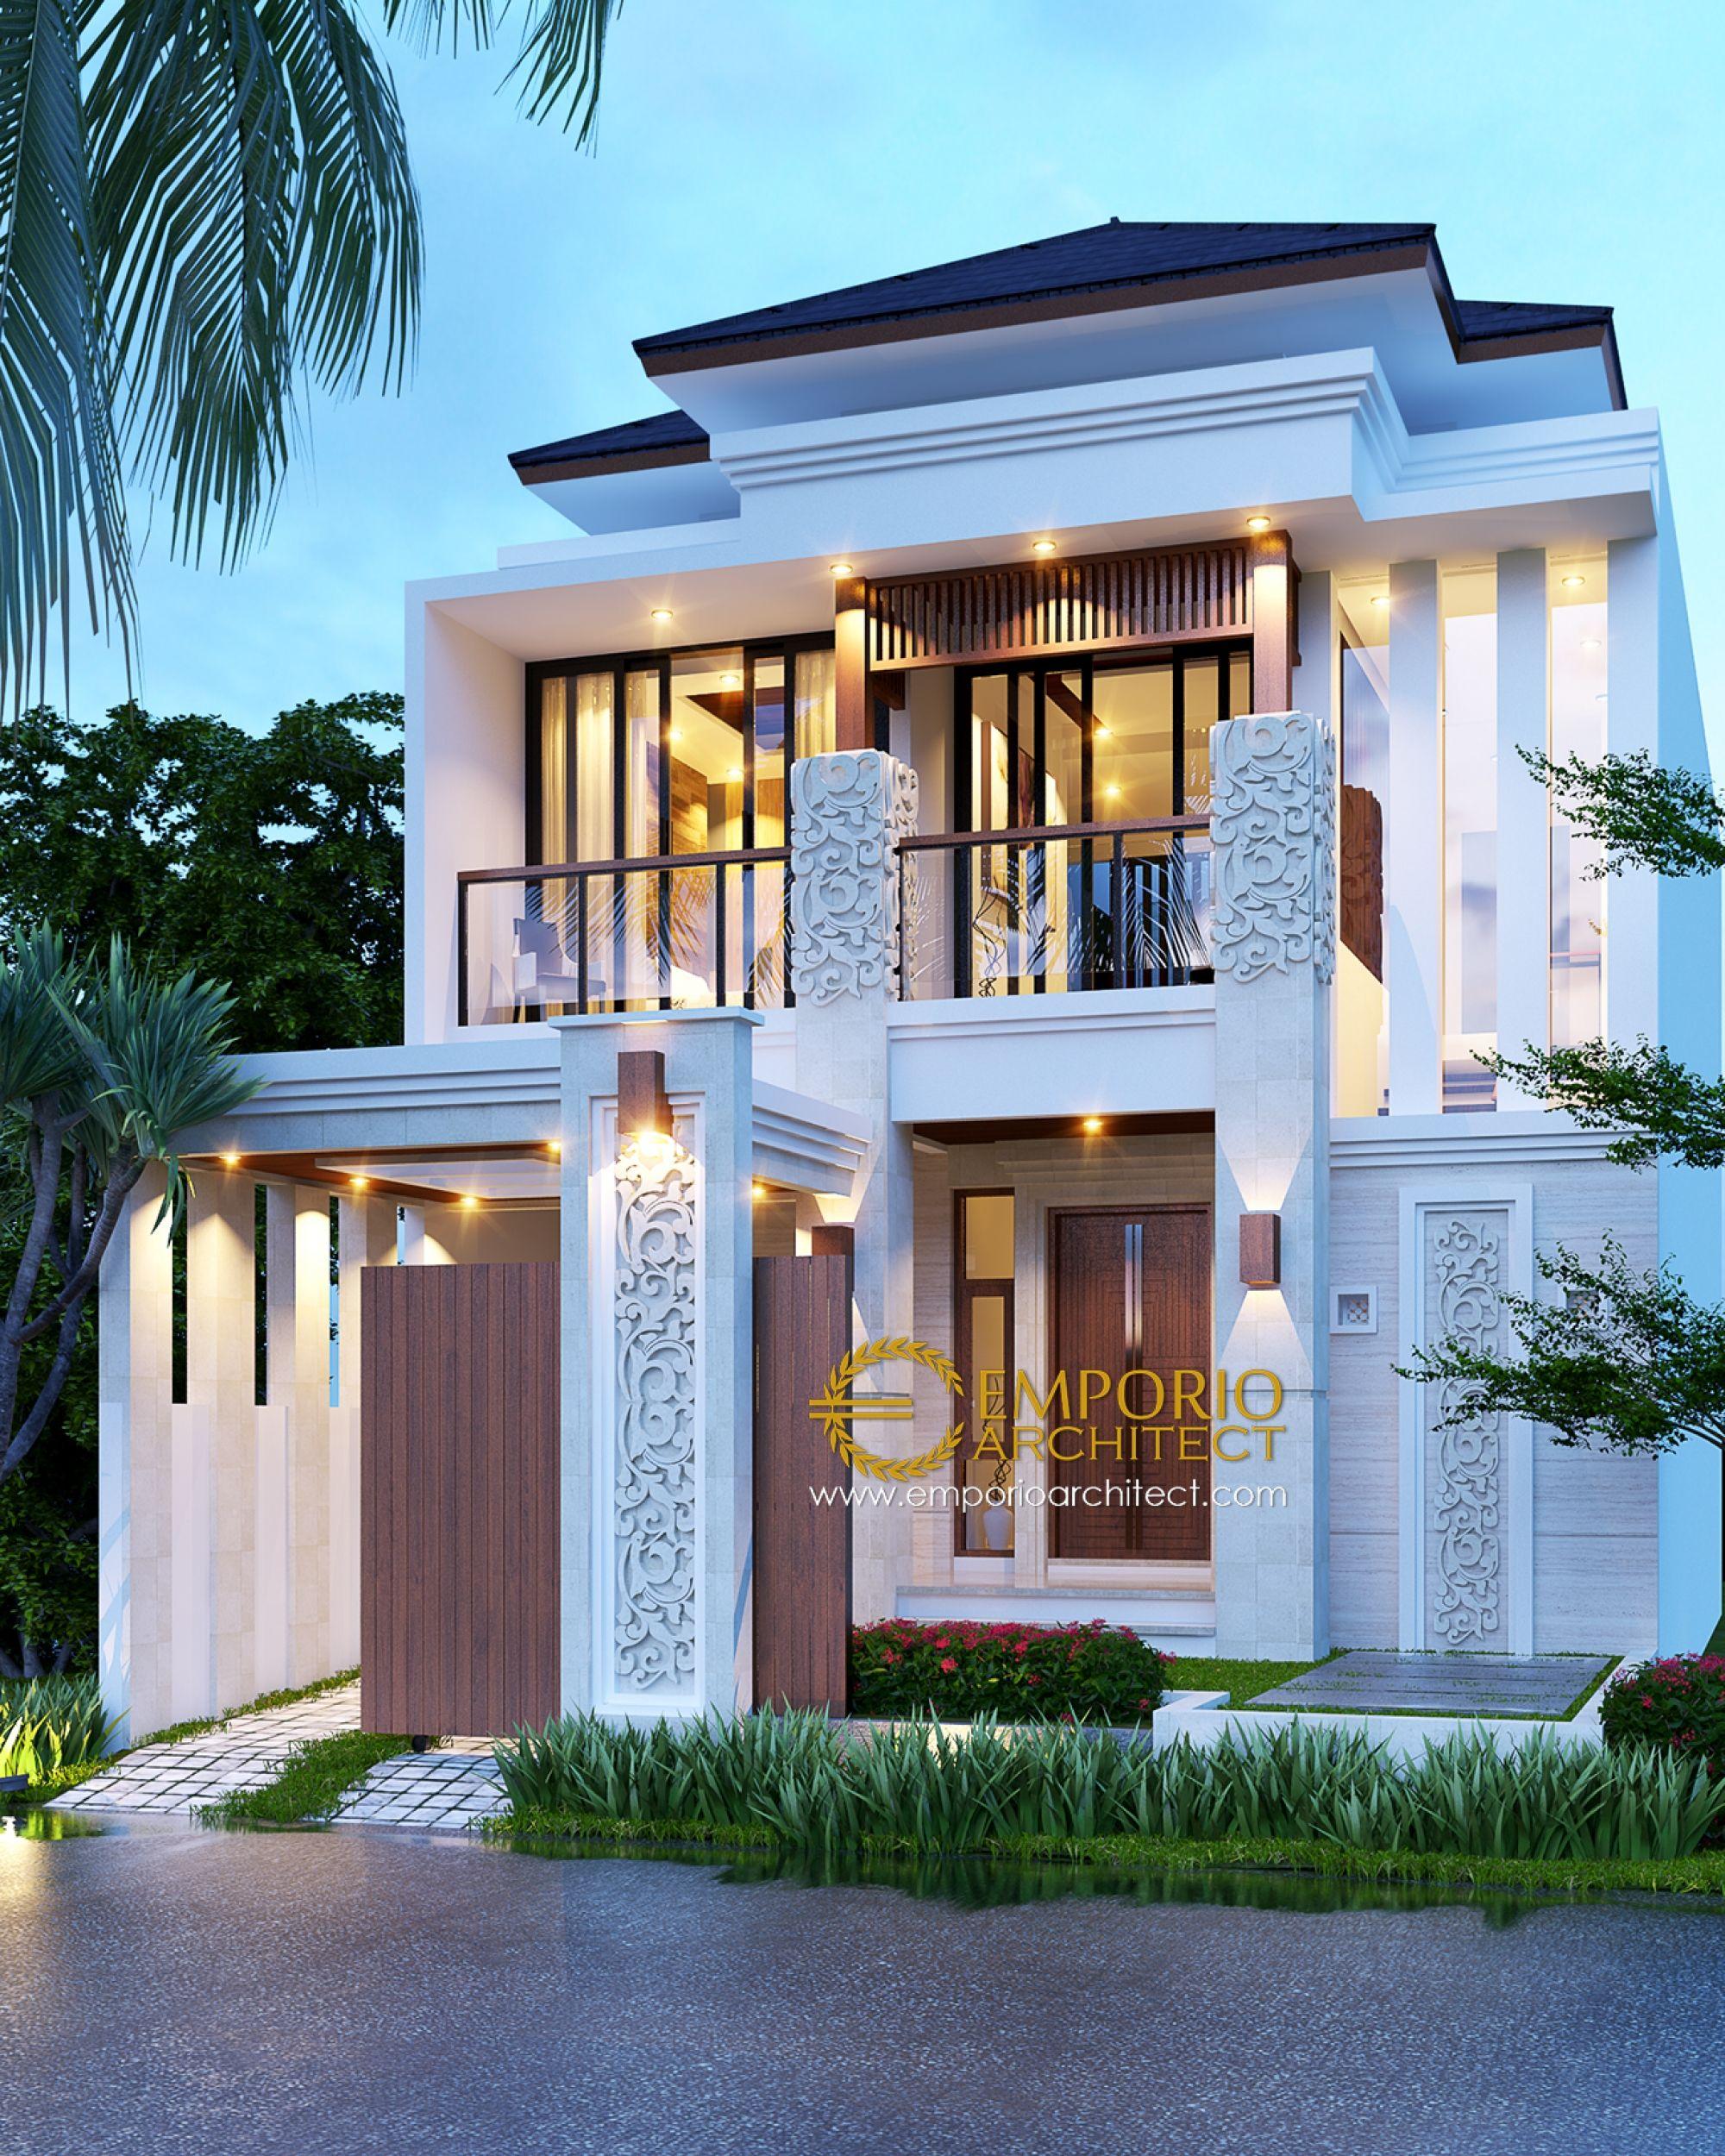 Jasa arsitek jakarta desain rumah bapak riyanto jasa arsitek desain rumah berkualitas desain villa bali modern tropis profesional berpengalaman dari